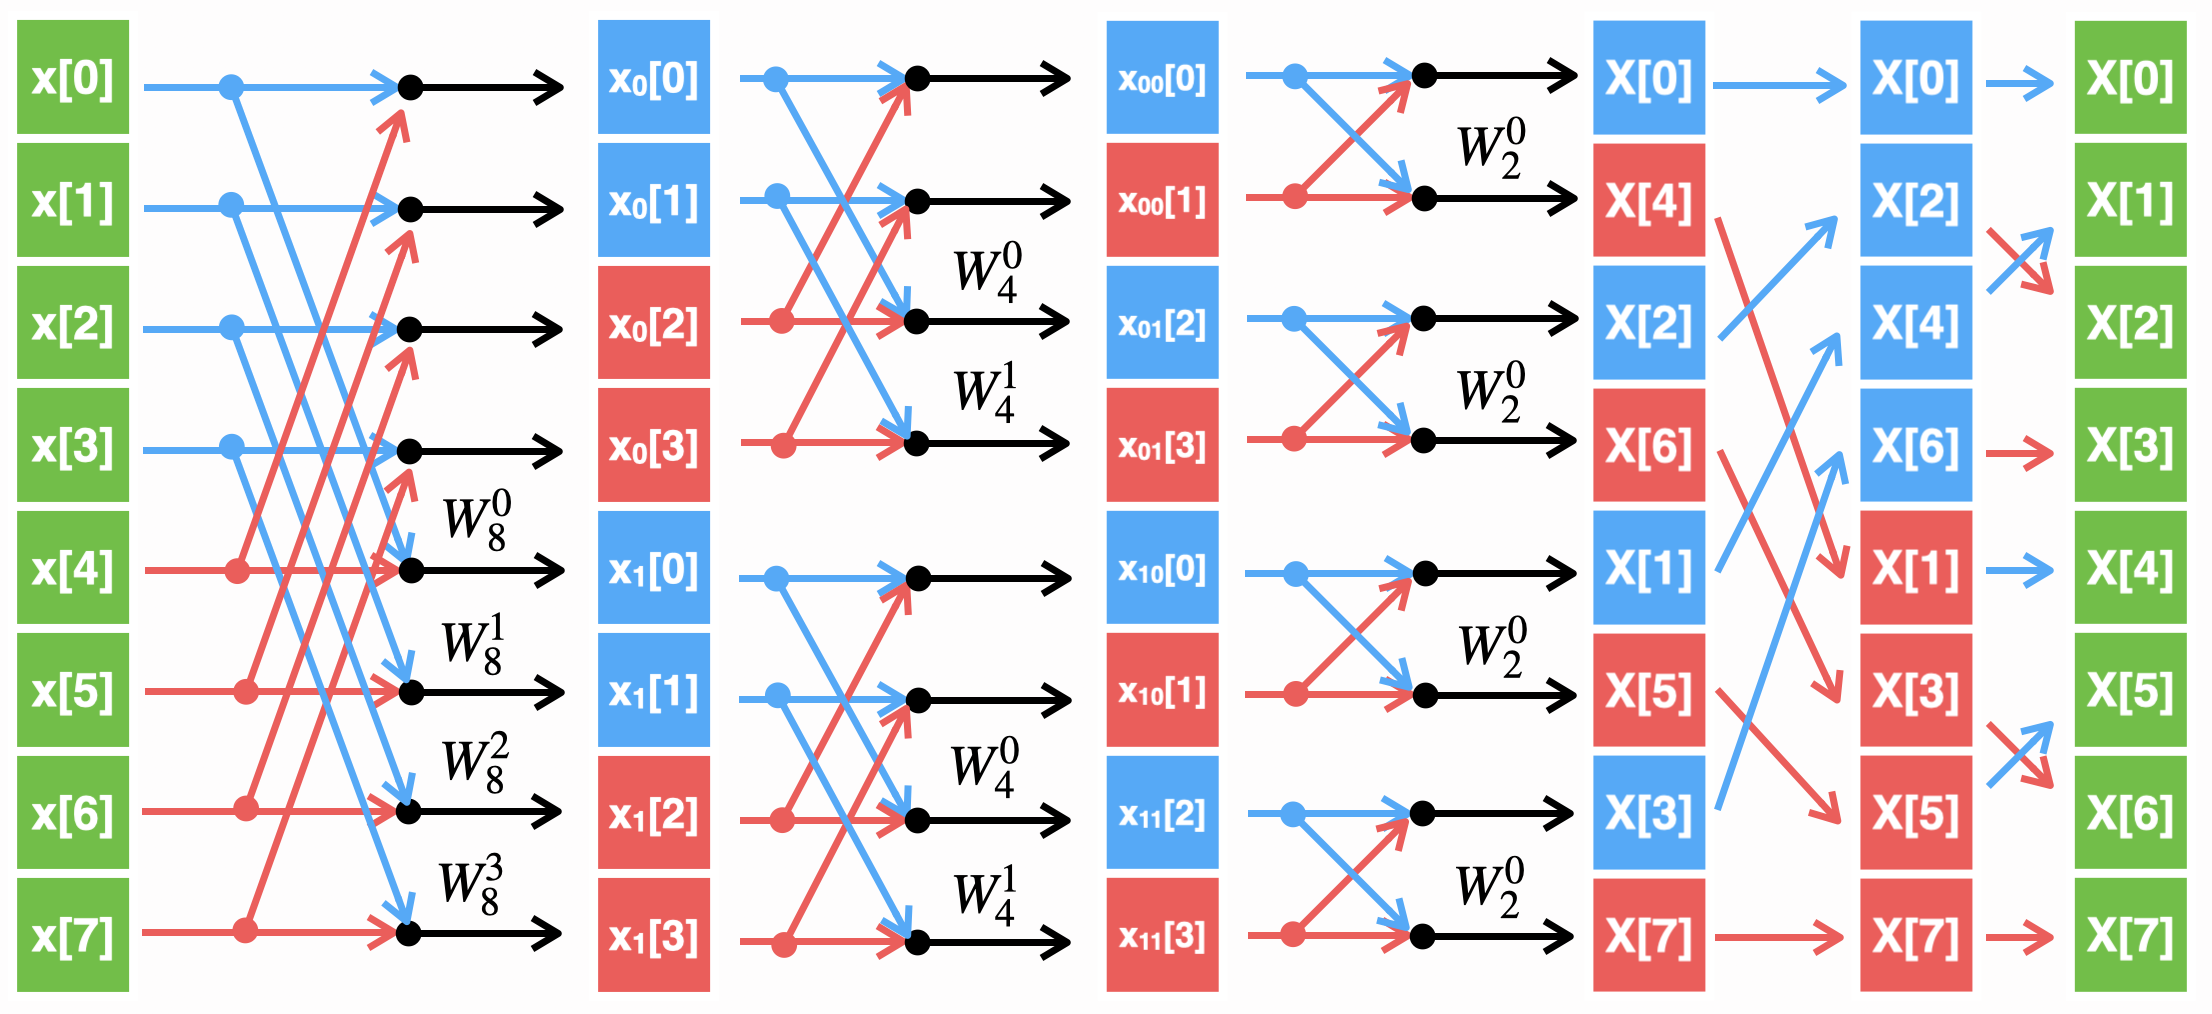 Алгоритм БПФ с прореживанием по частоте для N=8